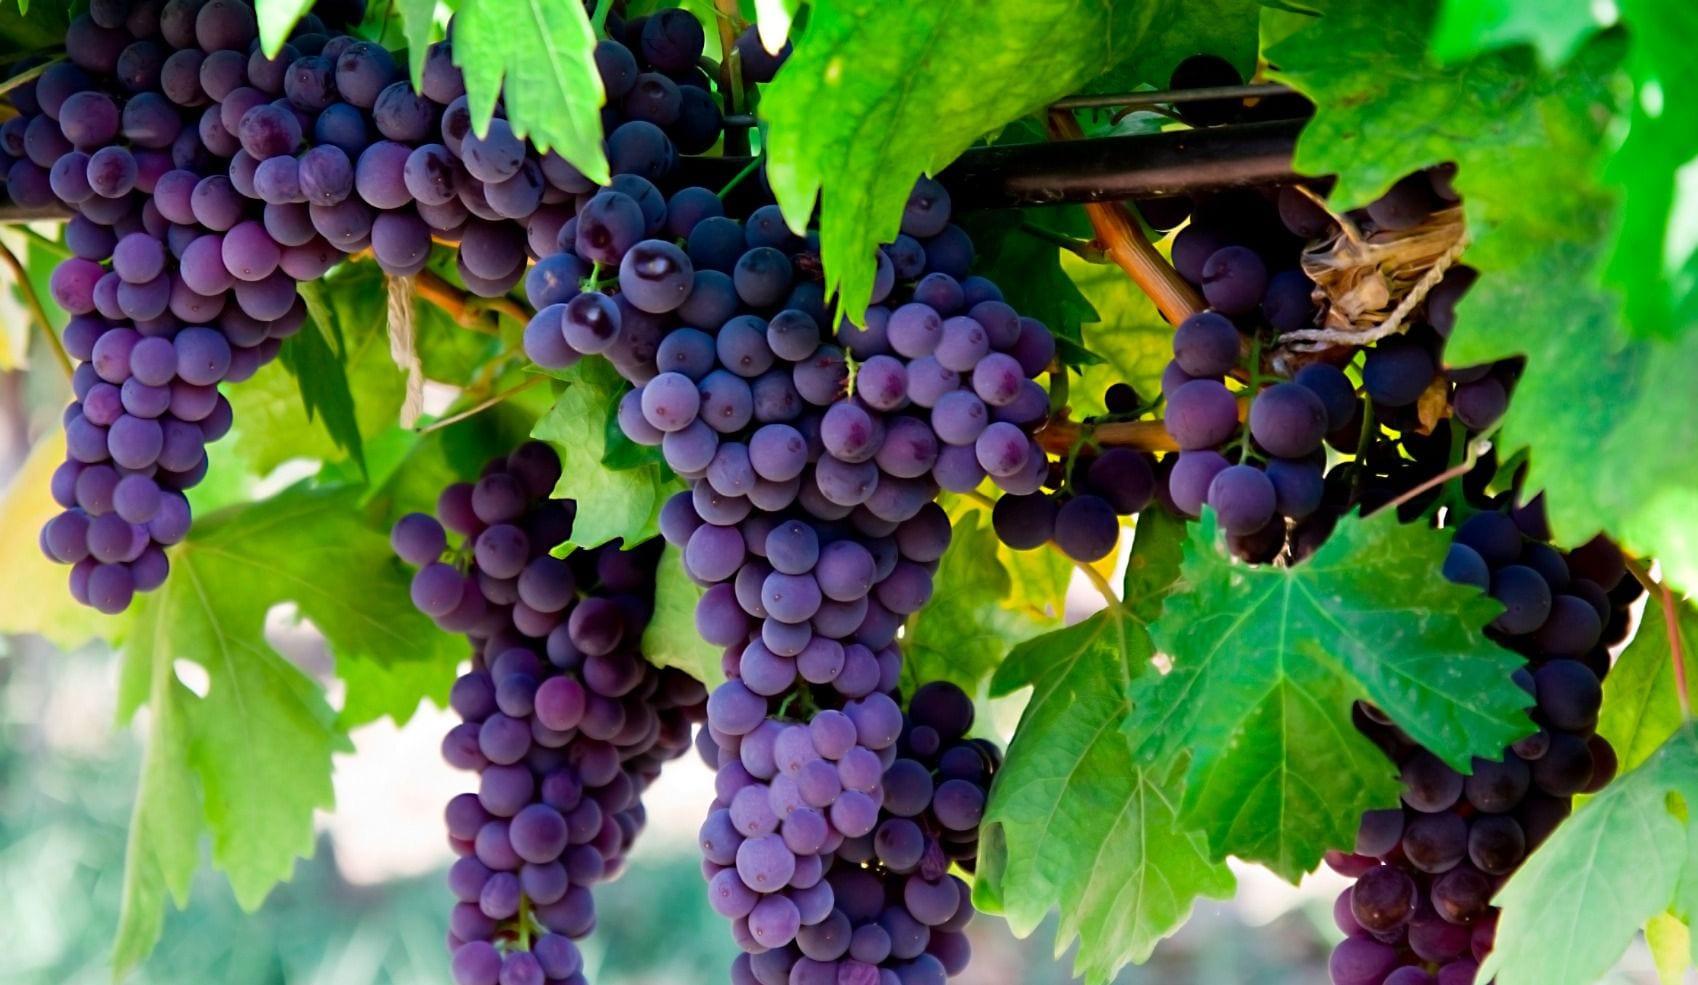 grape-vine-in-israel